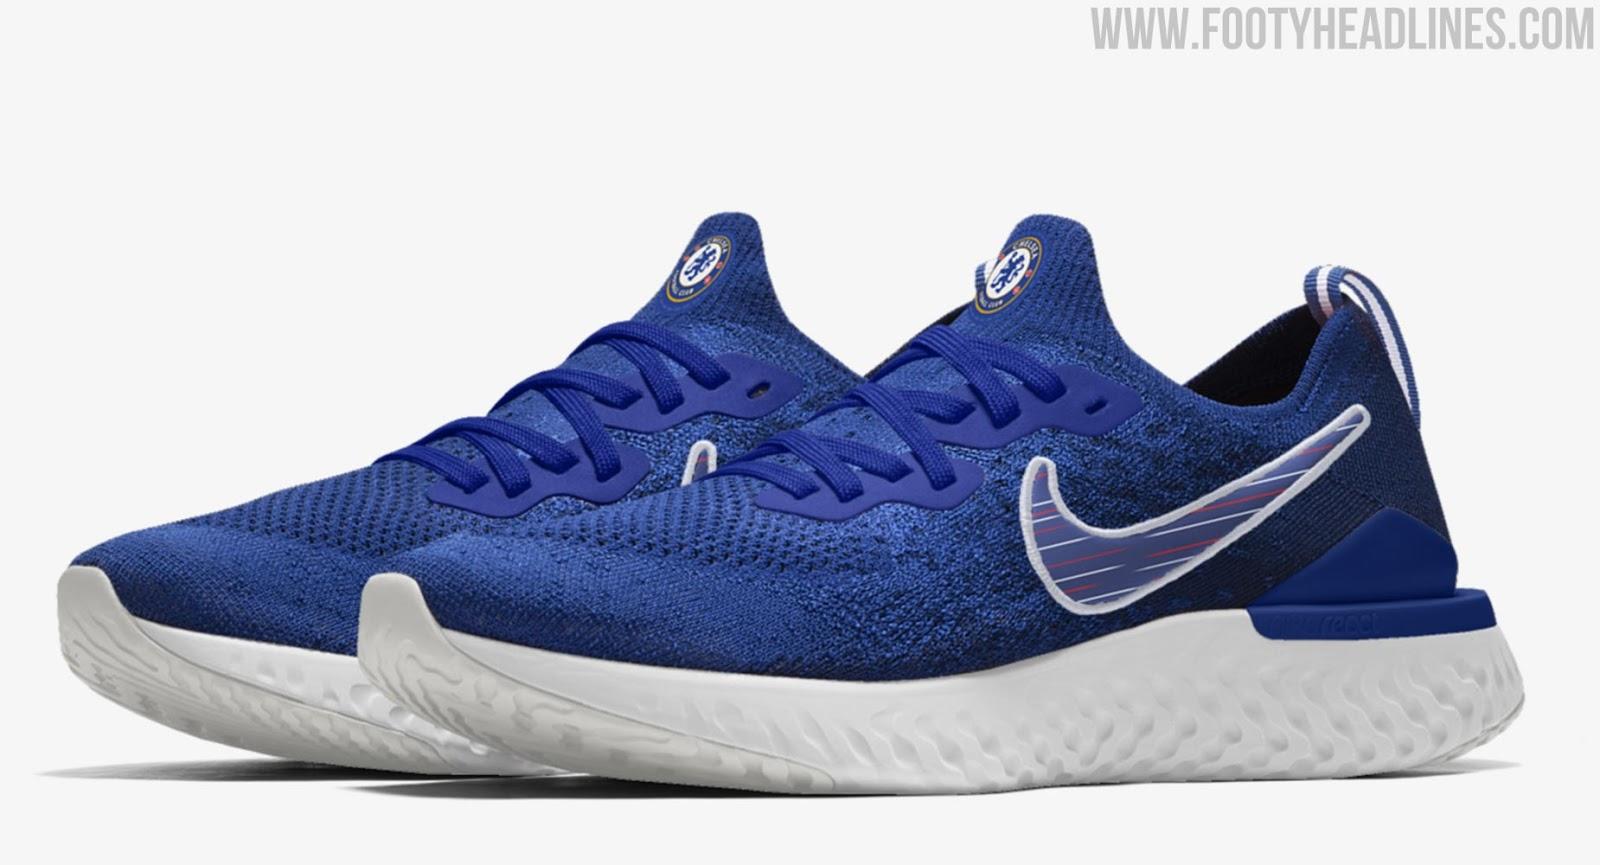 purchase cheap 9b3ec 22de2 Nike Chelsea x Epic React Flyknit 2 Running Shoes